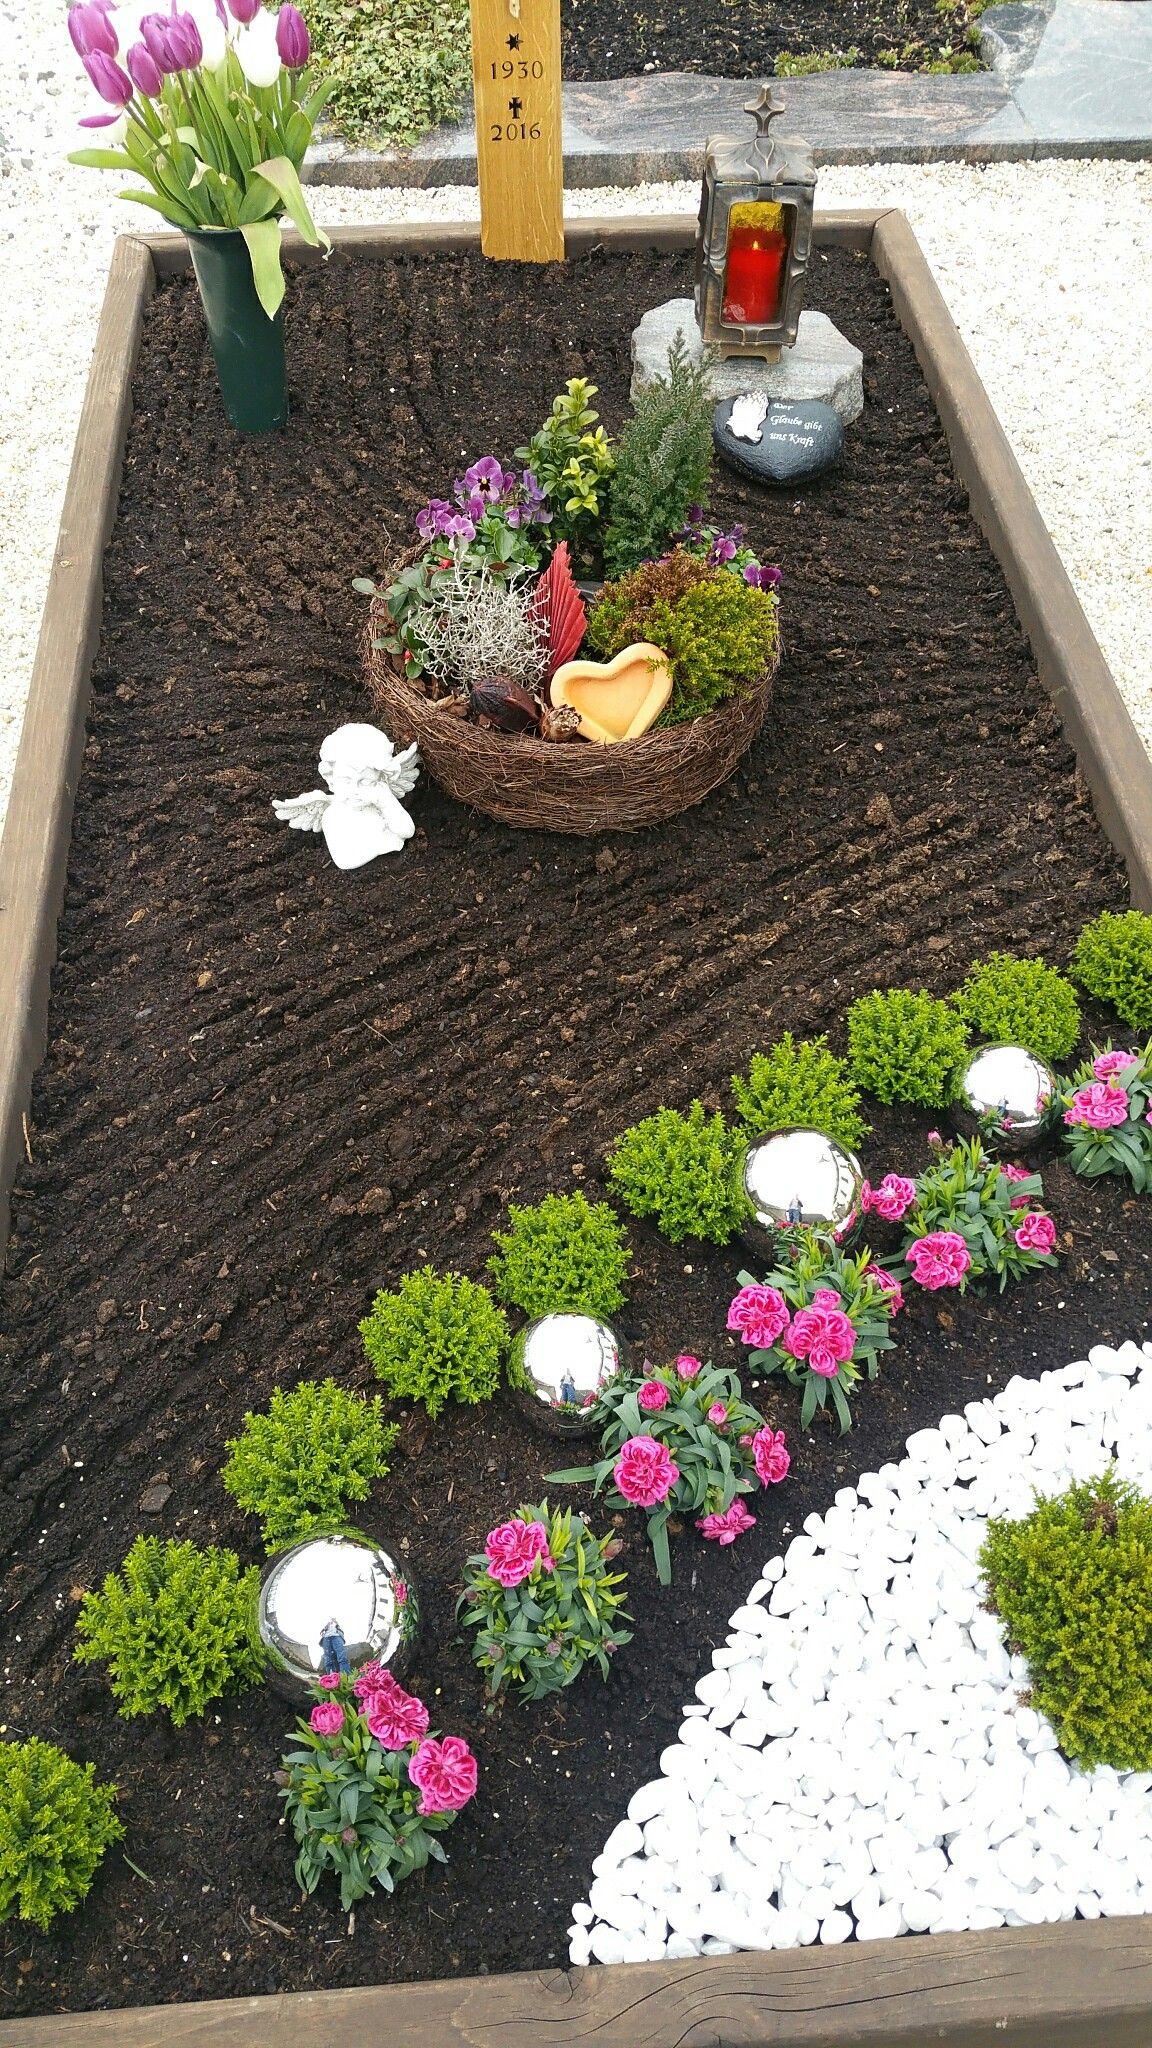 Gemeinsame Grabgestaltung Frühjahr | Moms grave | Grabbepflanzung @VH_29